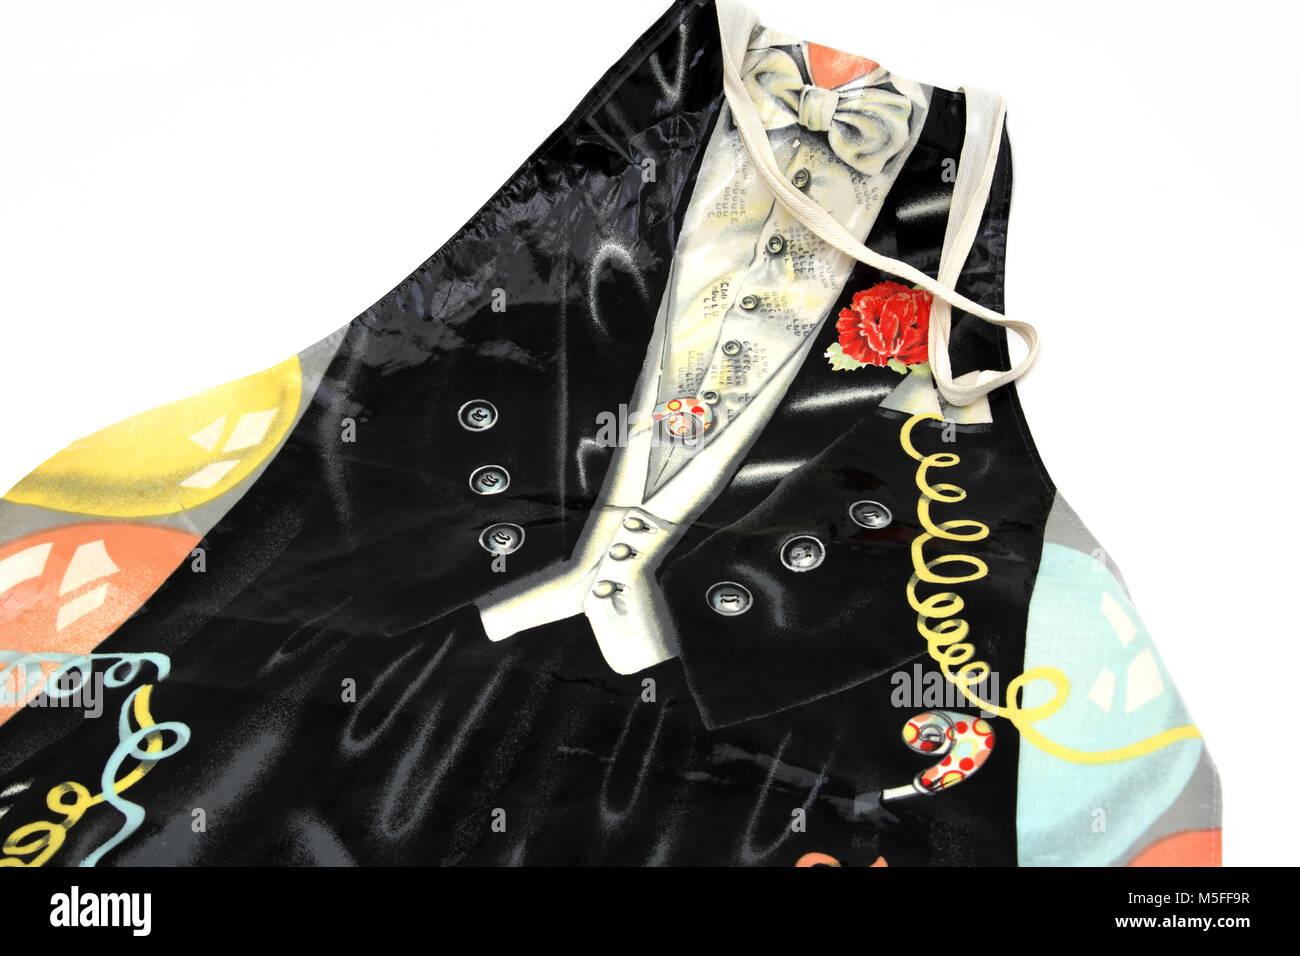 PVC Apron With Tuxedo Design - Stock Image